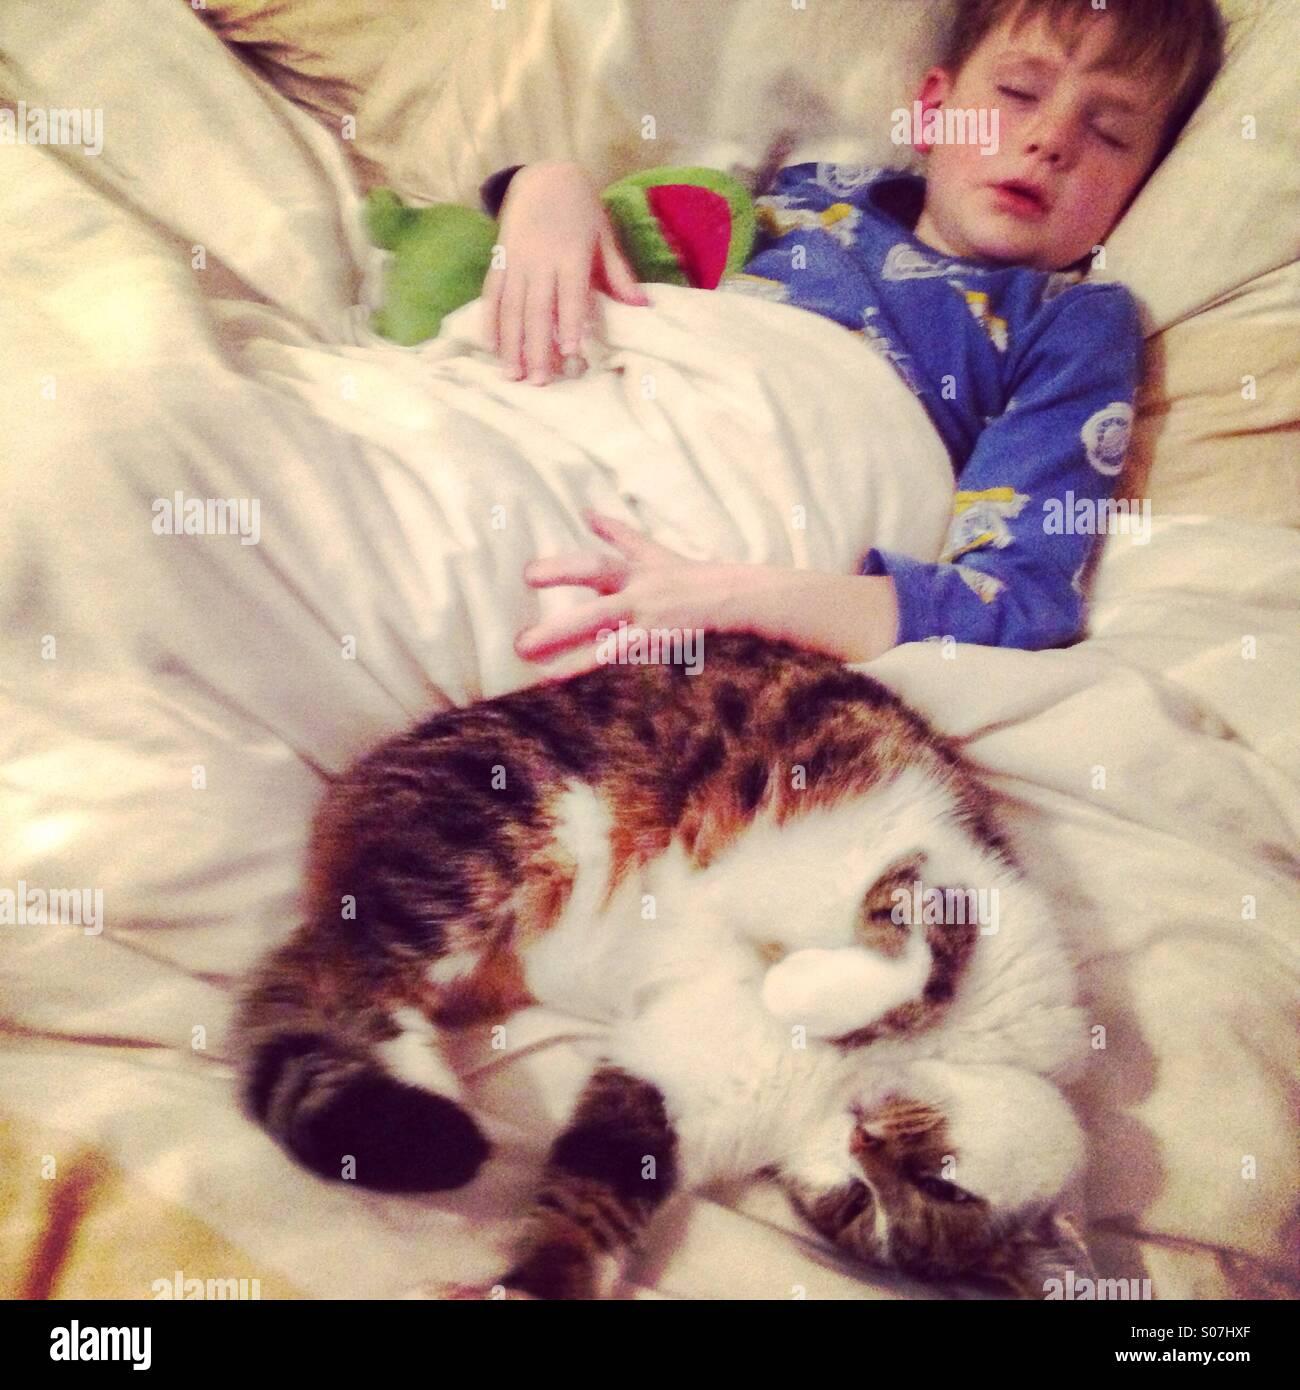 Niño dormido y cat. Imagen De Stock